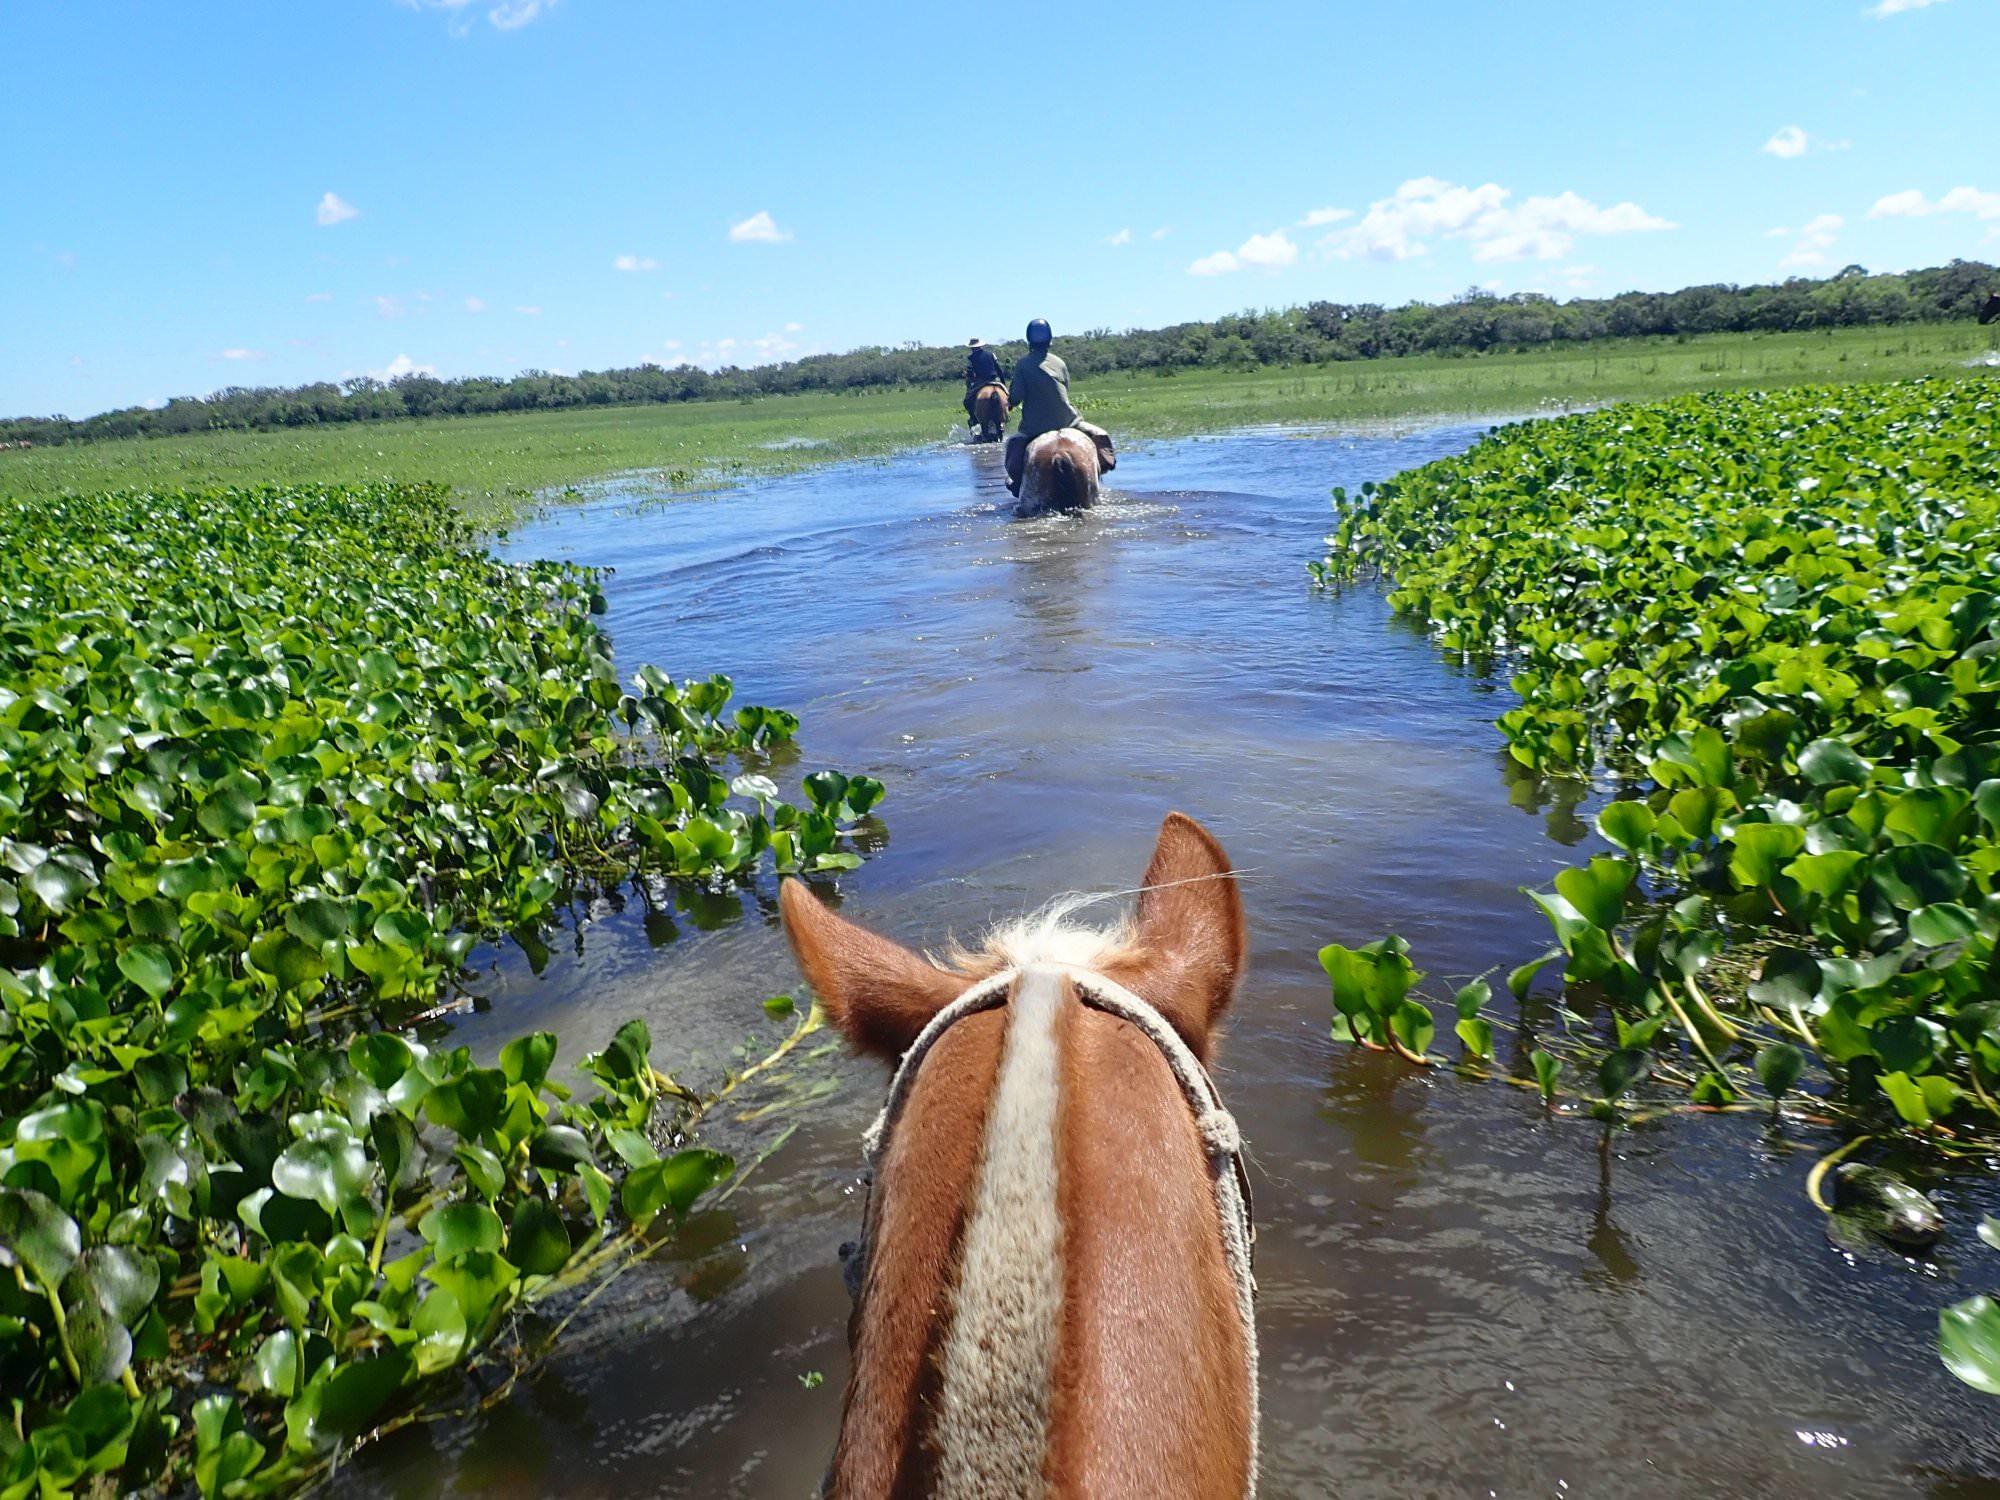 Riding in wetlands in Uruguay